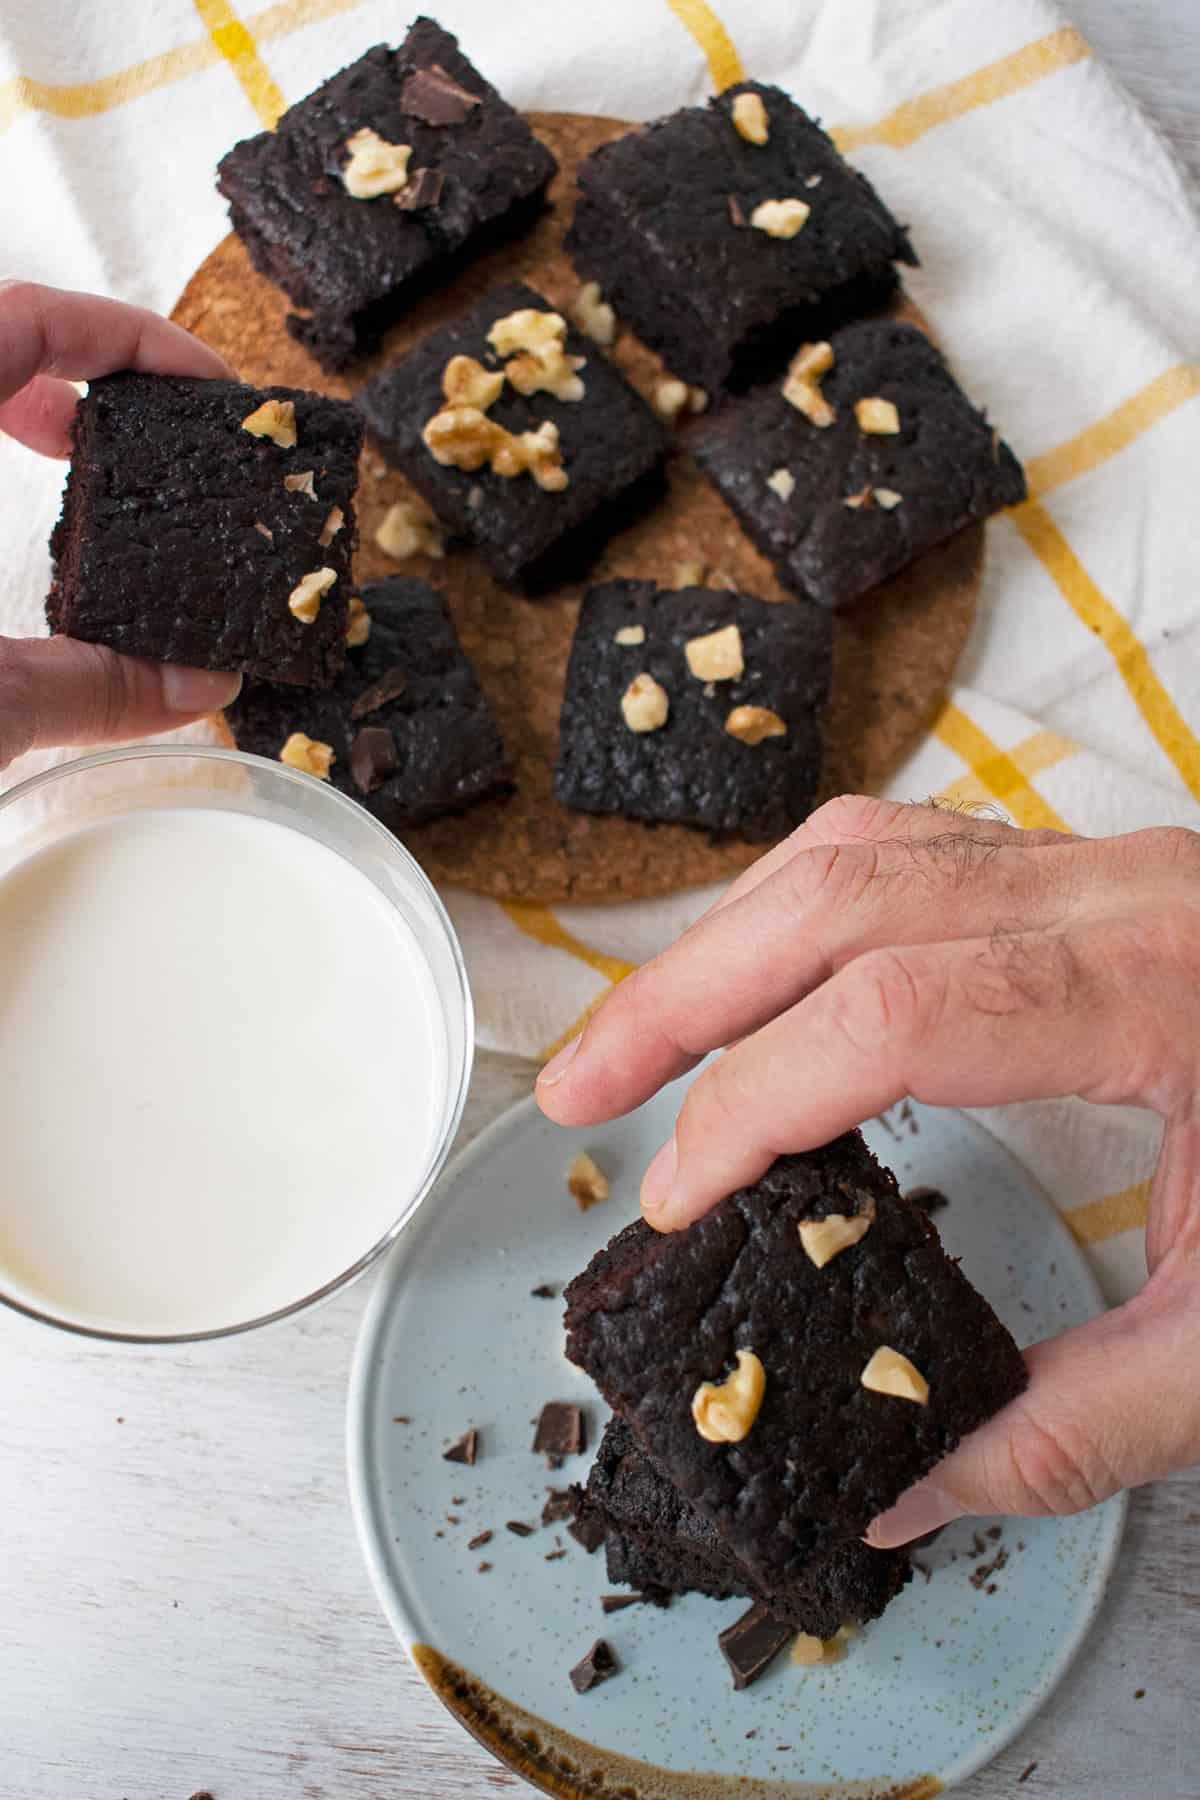 brownies sobre una mesa con un vaso de leche, las manos de dos personas cogiendo algunos de los brownies.